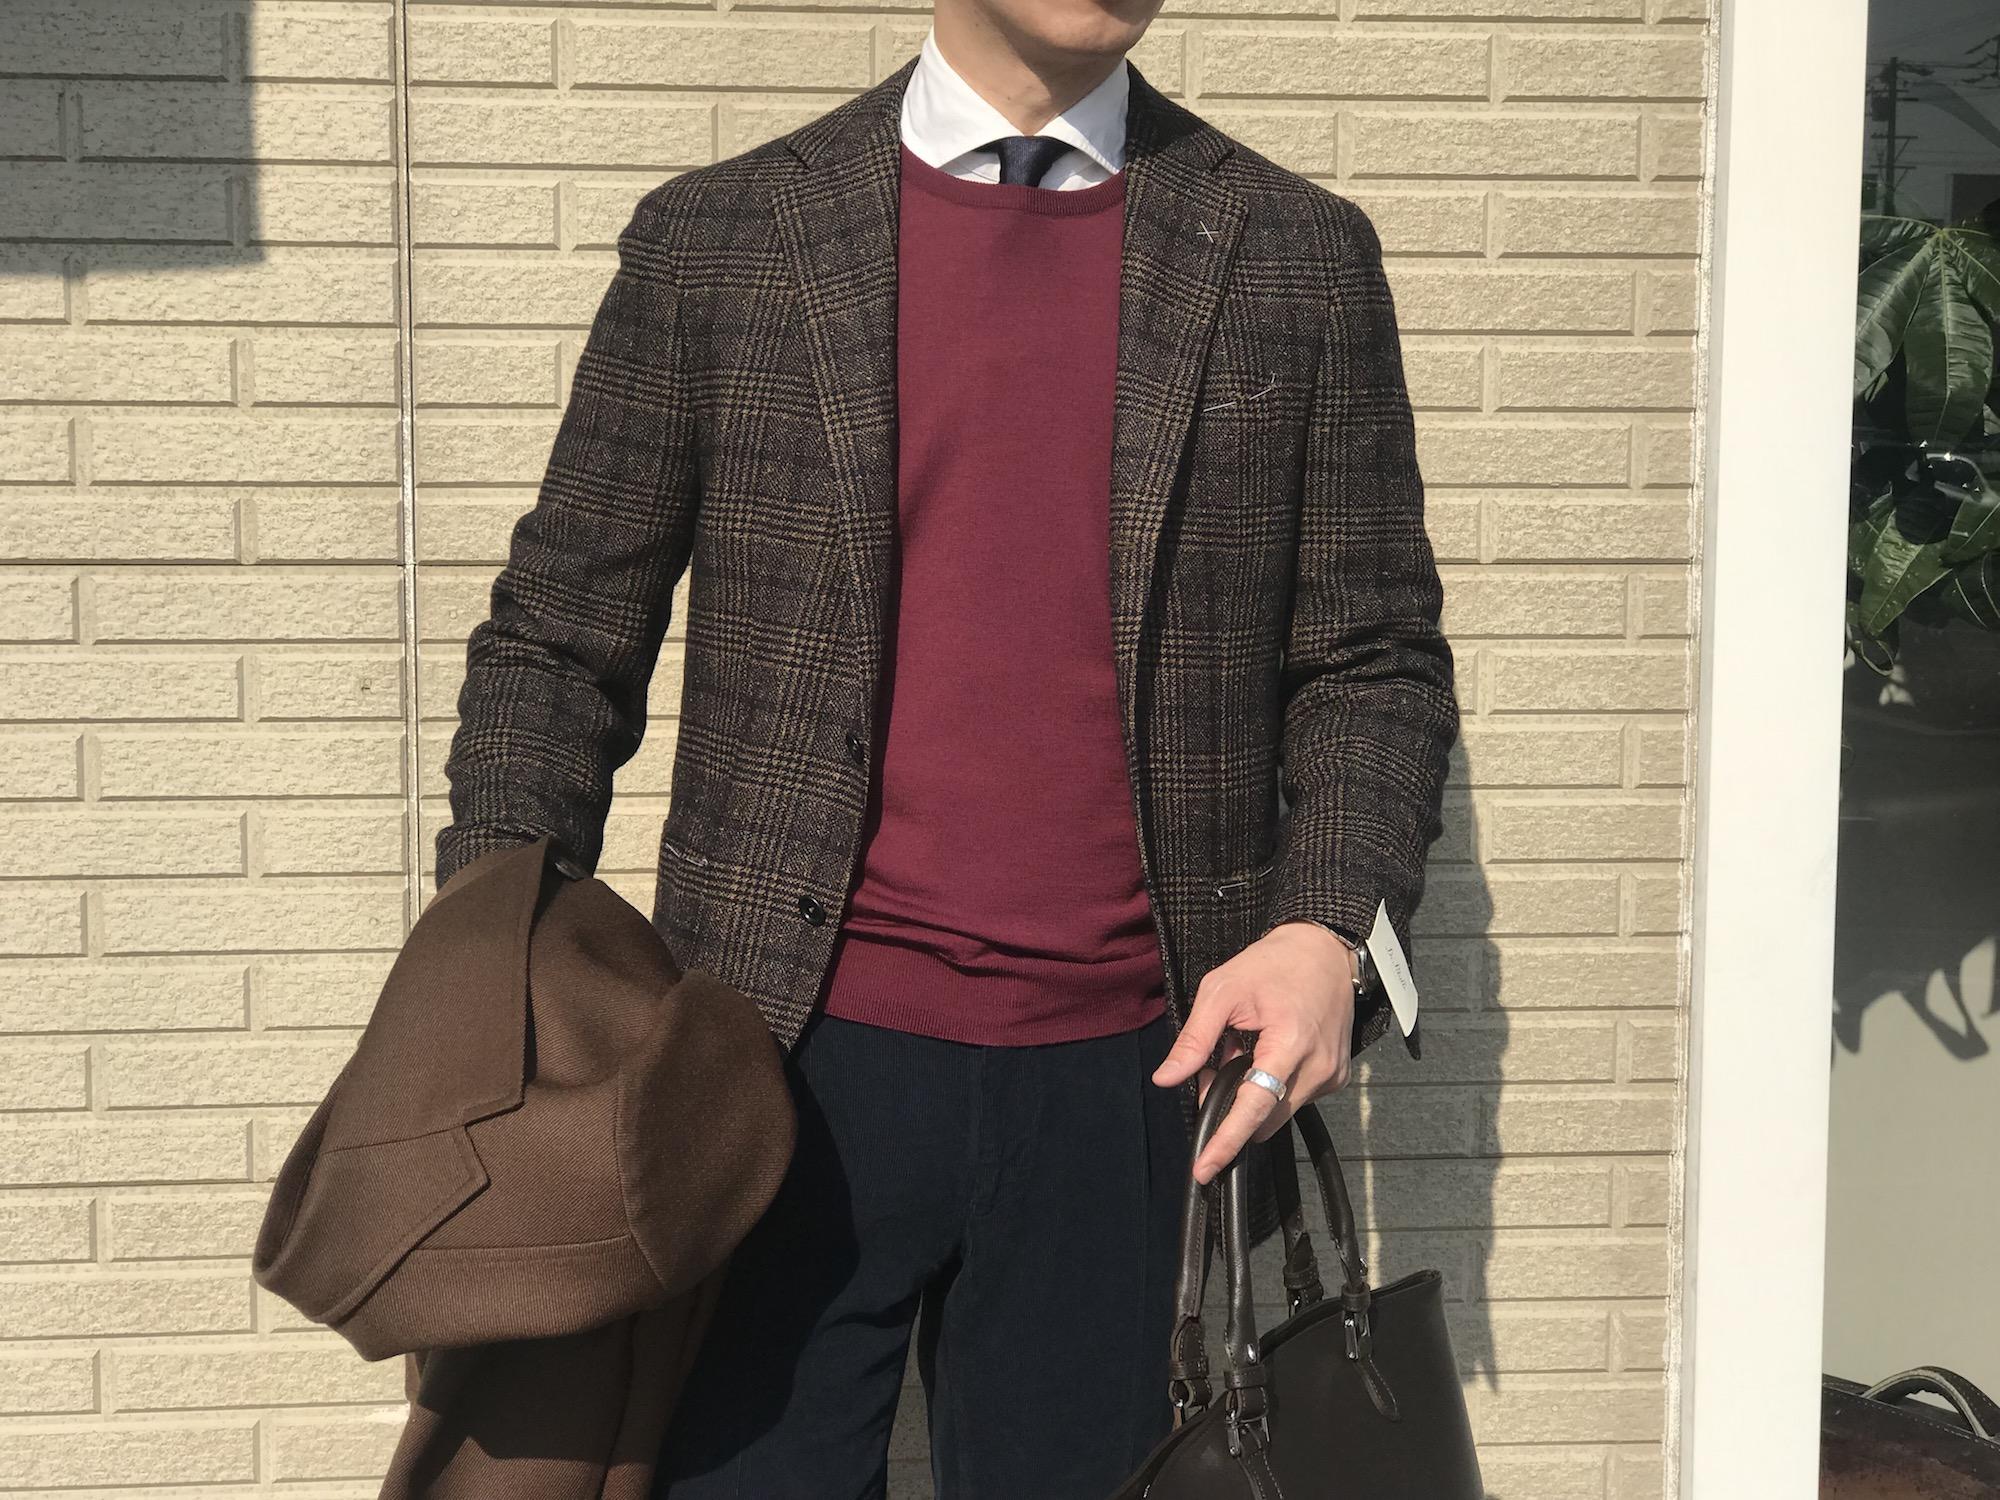 プラスワンカラーで気分を変える! 【JOHN SMEDLEY】「SICILY」ITALIAN FIT 30Gクルーネックセーター!!